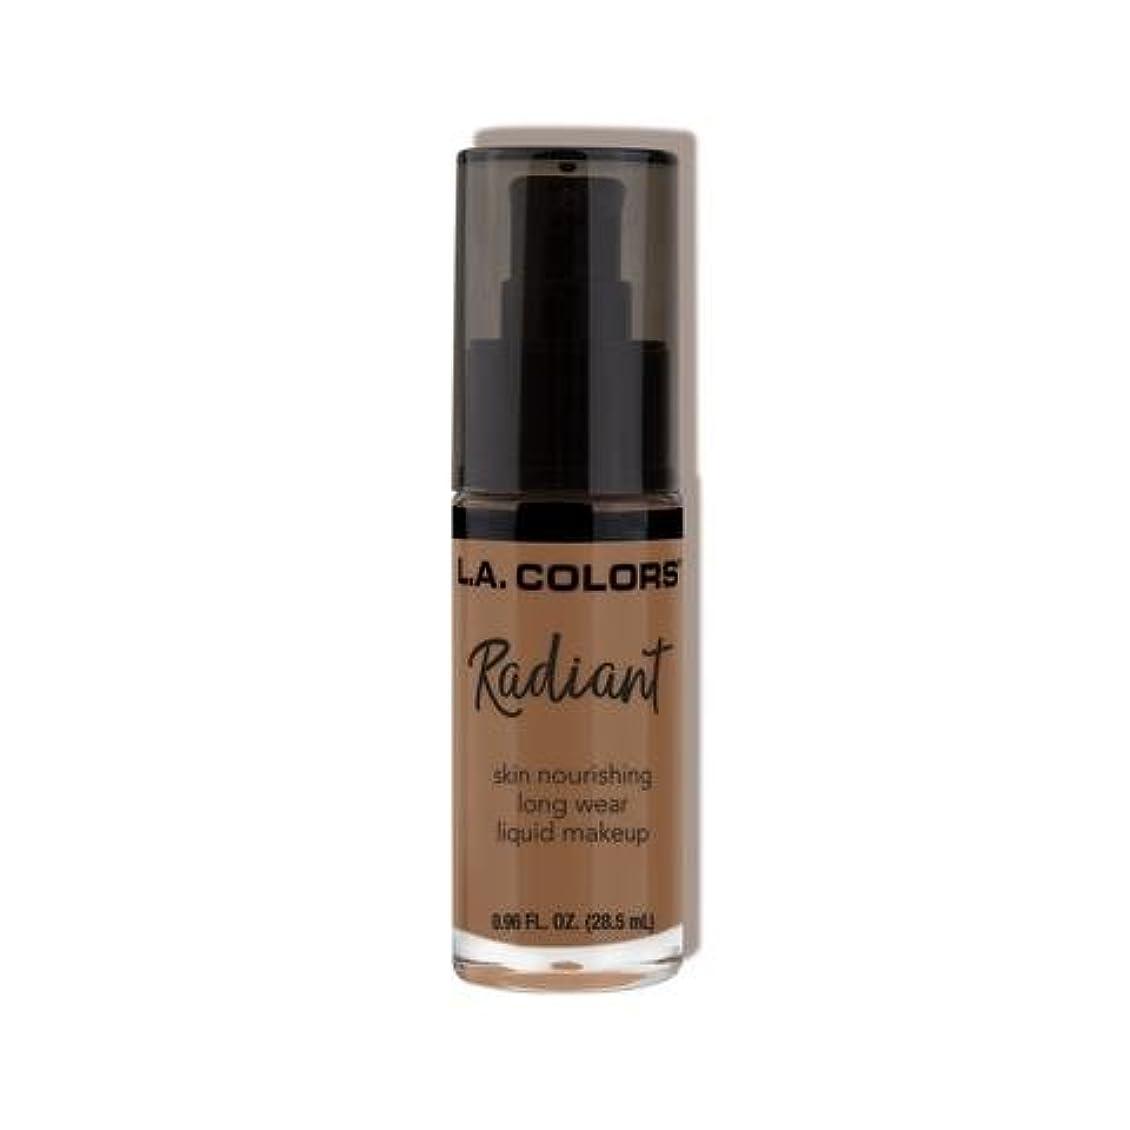 バレルセント実際の(6 Pack) L.A. COLORS Radiant Liquid Makeup - Mocha (並行輸入品)